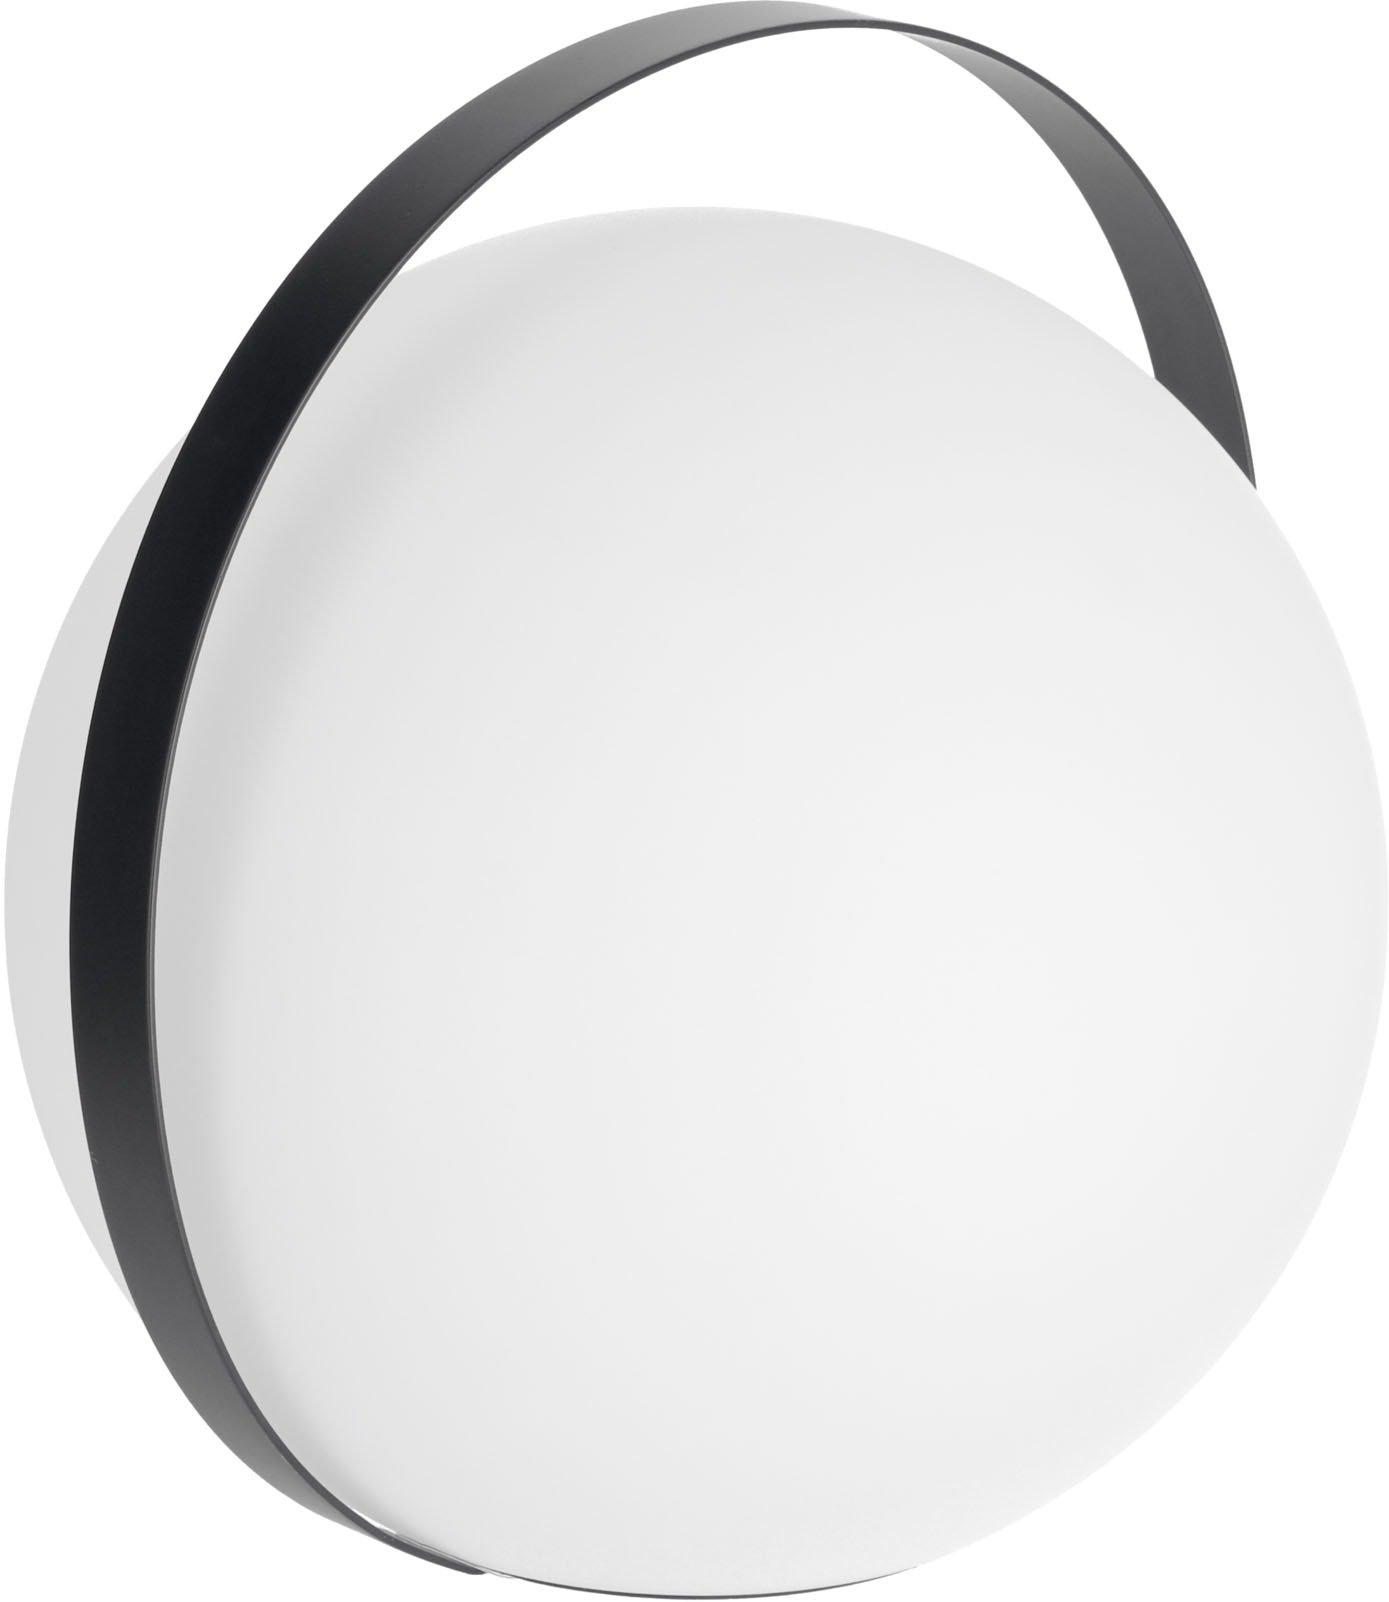 Køb Dinesh, Bordlampe med sort stålramme by LaForma (H: 33 cm. B: 34 cm. L: 30 cm., Sort)